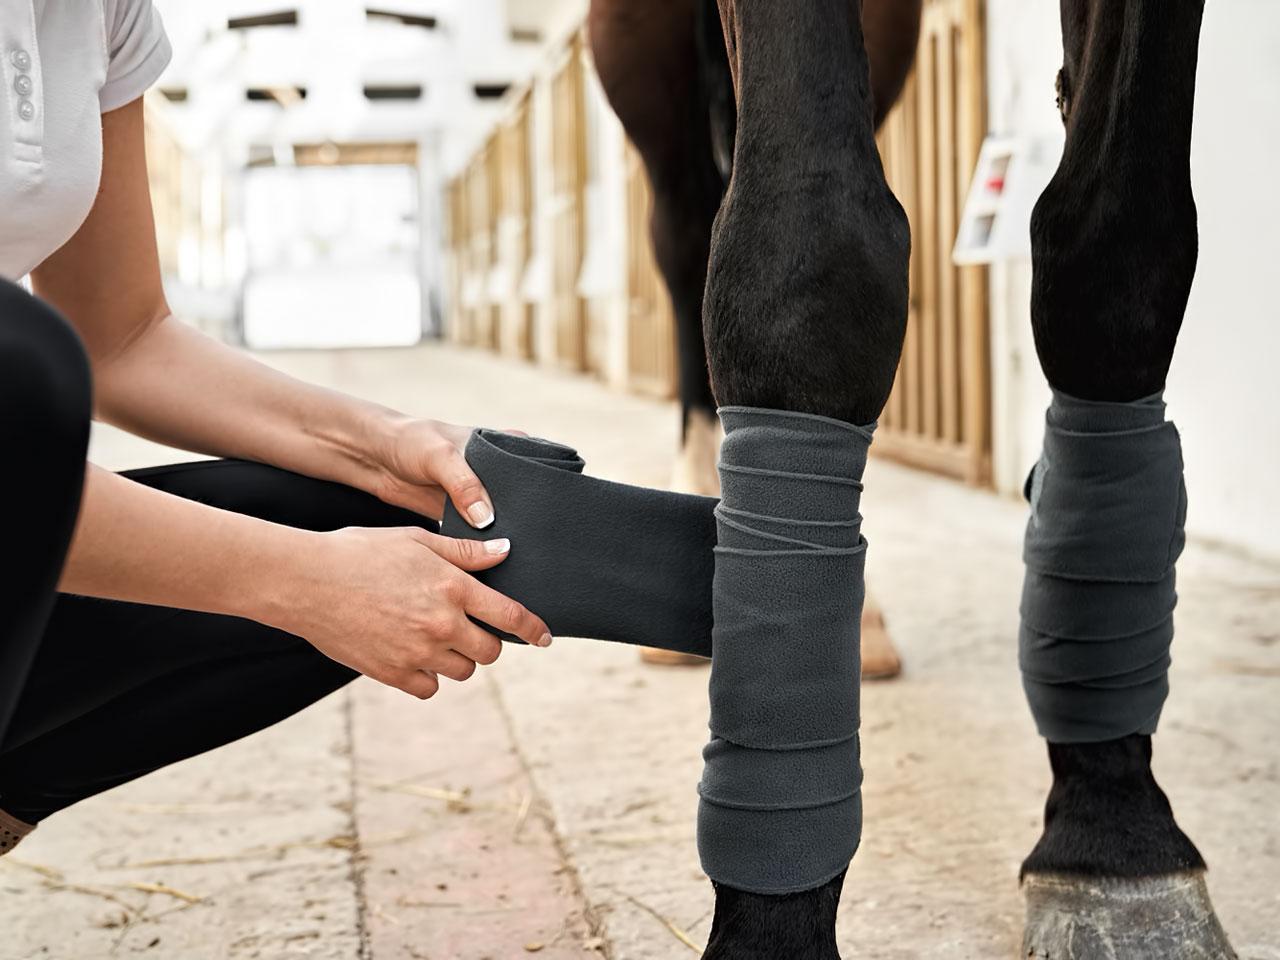 Pferd werden Bandagen angelegt